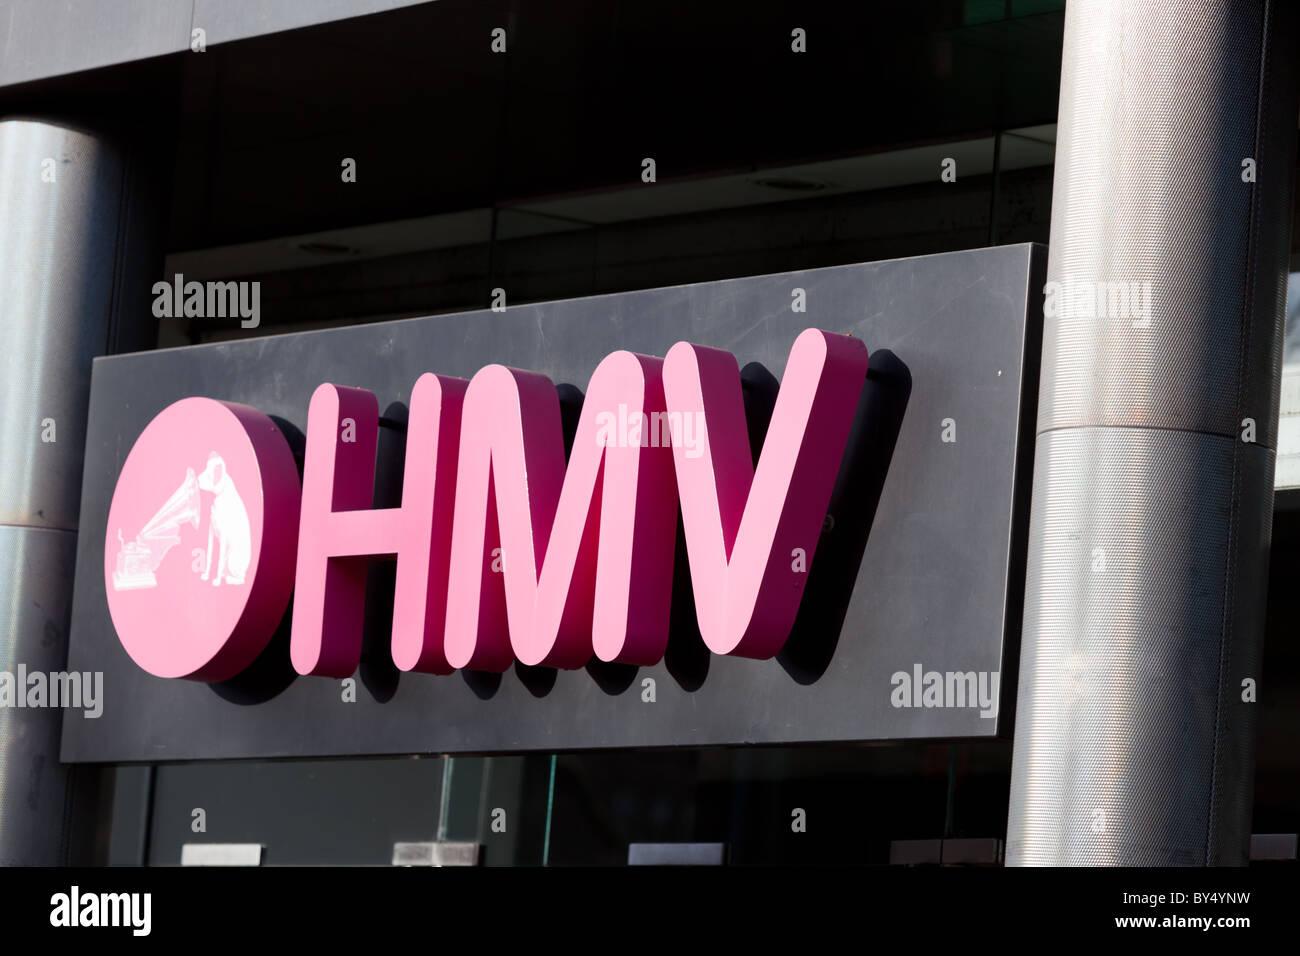 Hmv Logo Stock Photos Hmv Logo Stock Images Alamy